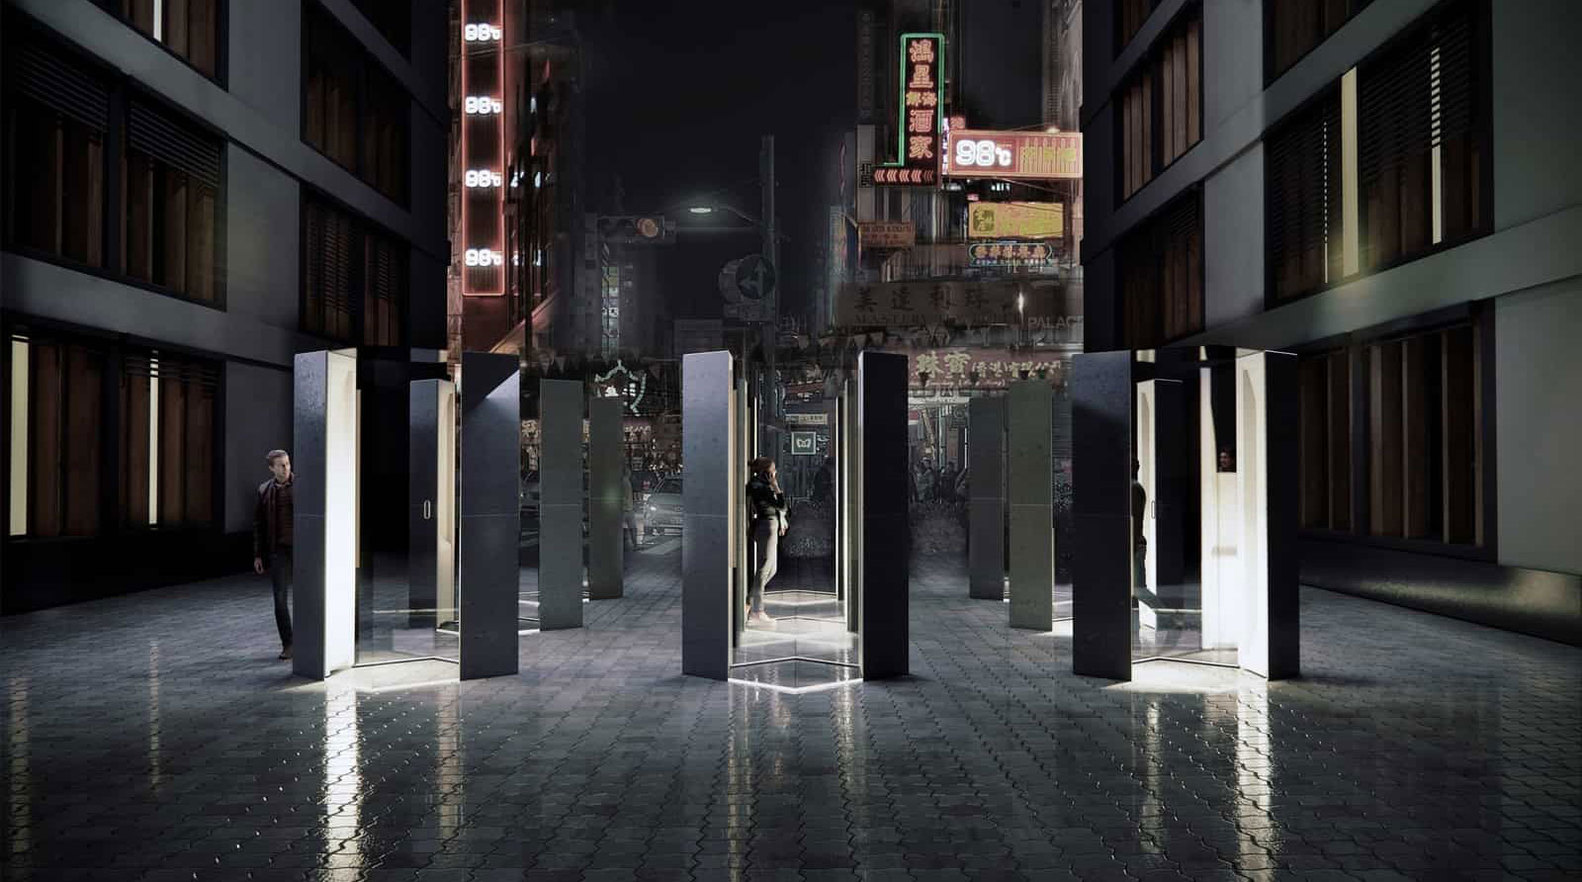 برندگان مسابقه طراحی یادبود Covid-19 اعلام شدند